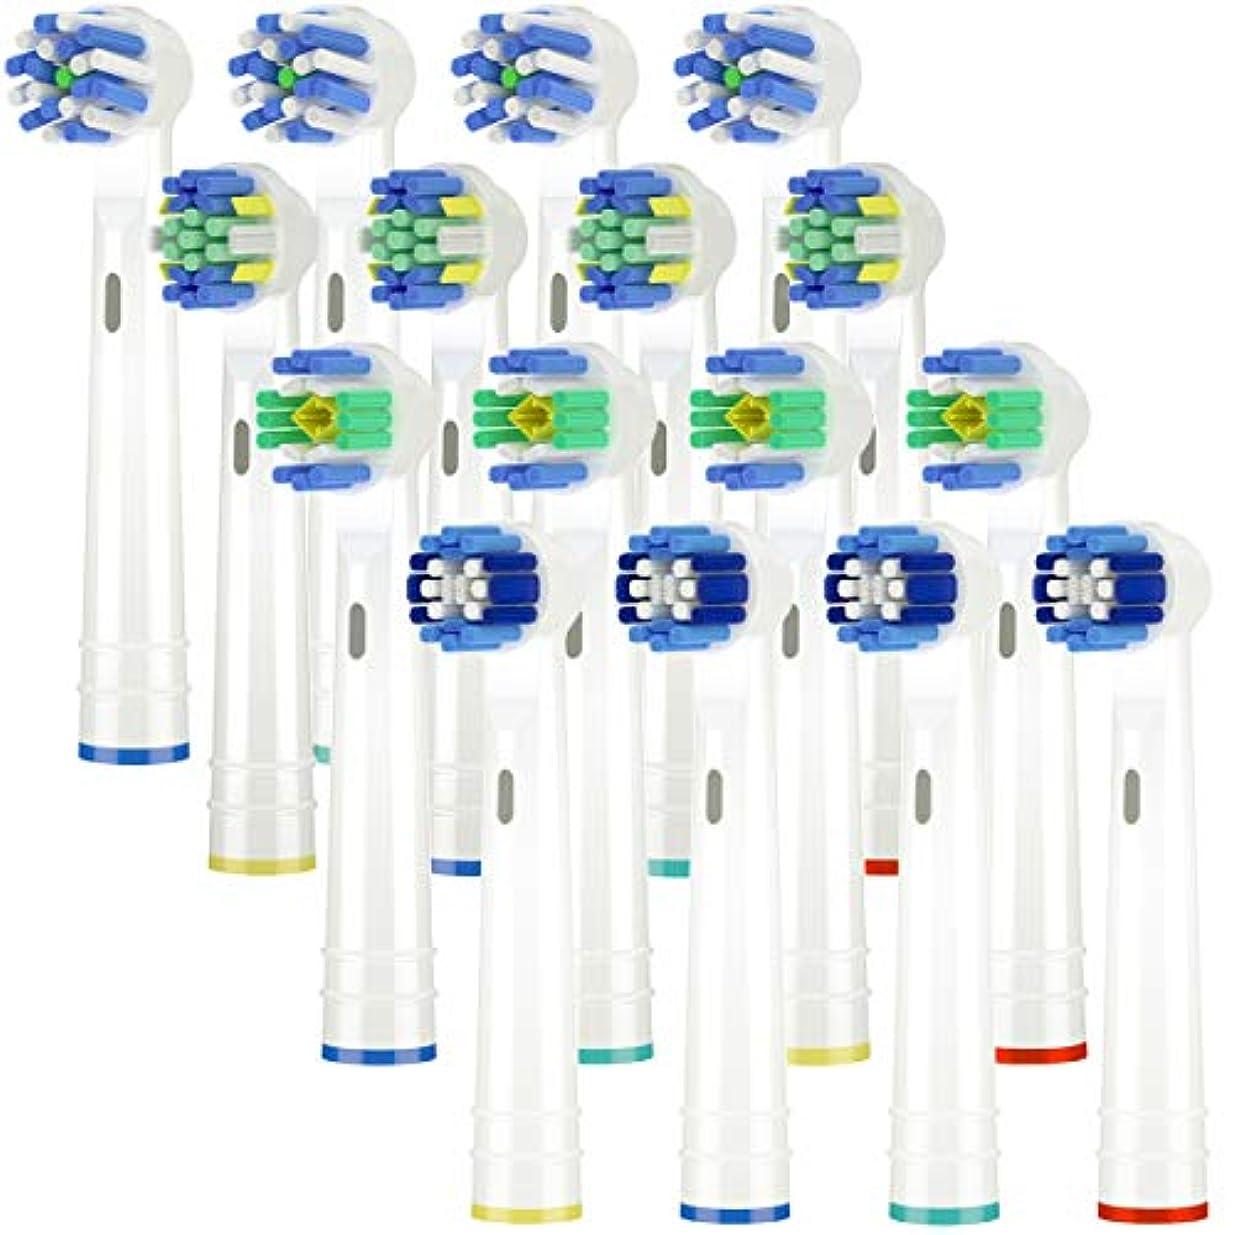 気をつけてスラダム内部Itechnik 電動歯ブラシ 替えブラシ ブラウン オーラルB 対応 替えブラシ 4種類が入り:ホワイトニングブラシ 、ベーシックブラシ、歯間ワイパー付きブラシ、マルチアクションブラシ 凡用な16本